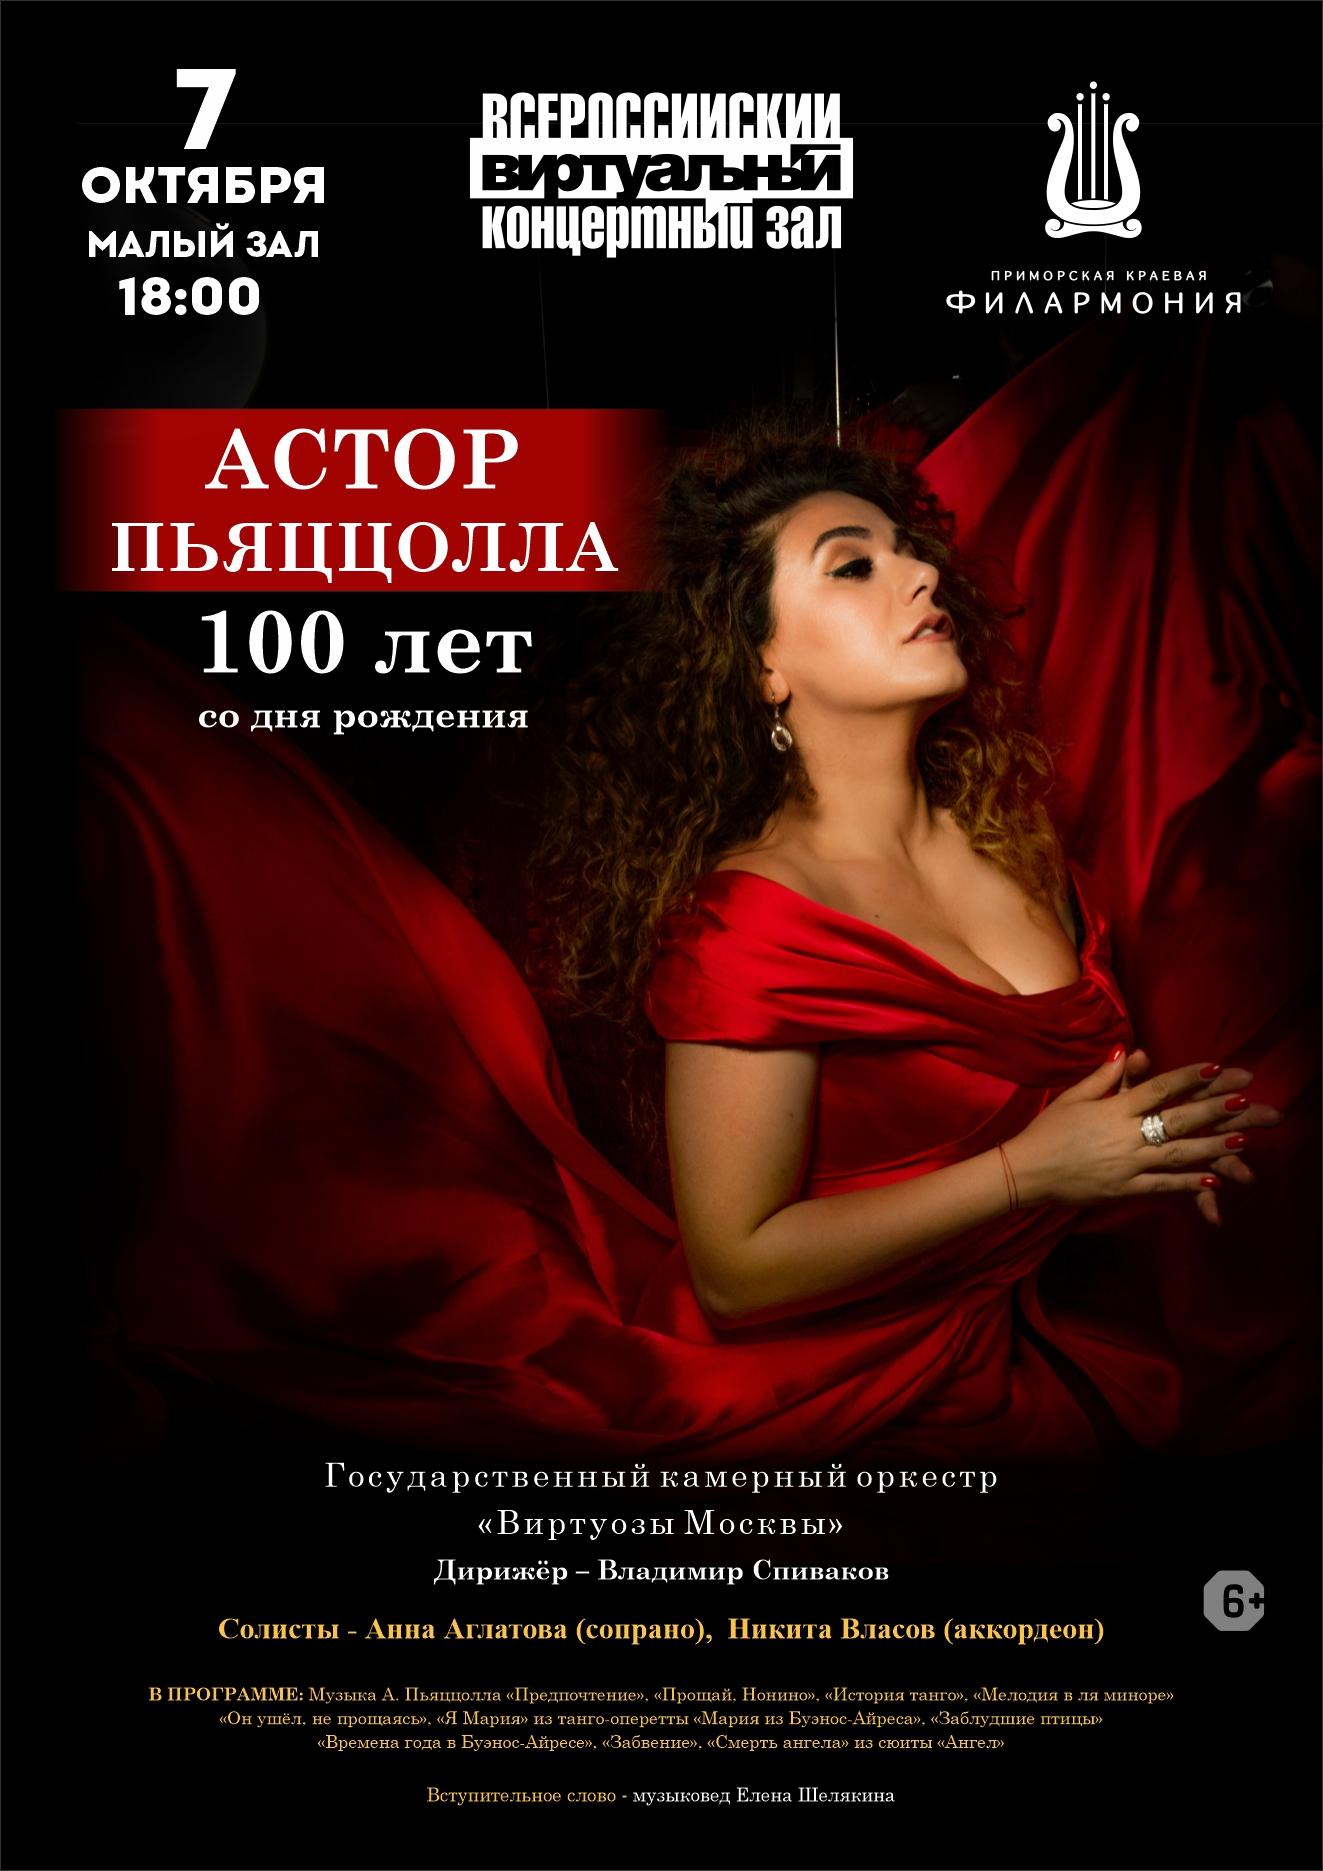 7 октября(Виртуальный концертный зал)Концертная программа «Астор Пьяццолла. 100 лет со дня рождения»